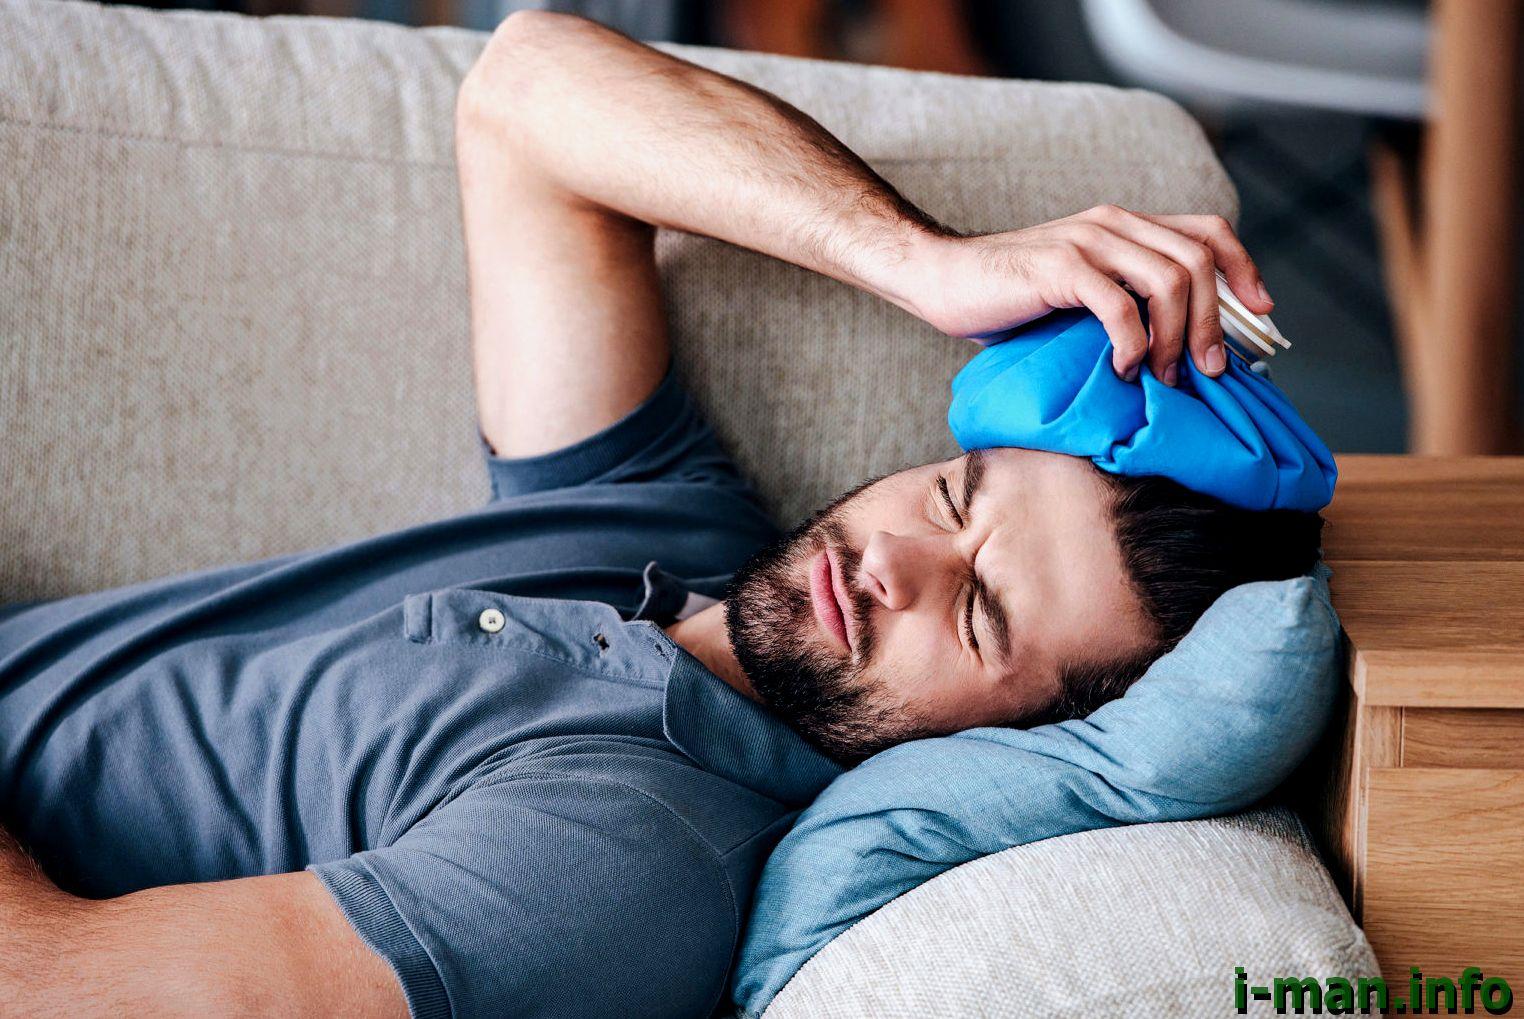 Лучшие способы избавиться от тяжелого похмелья в домашних условиях